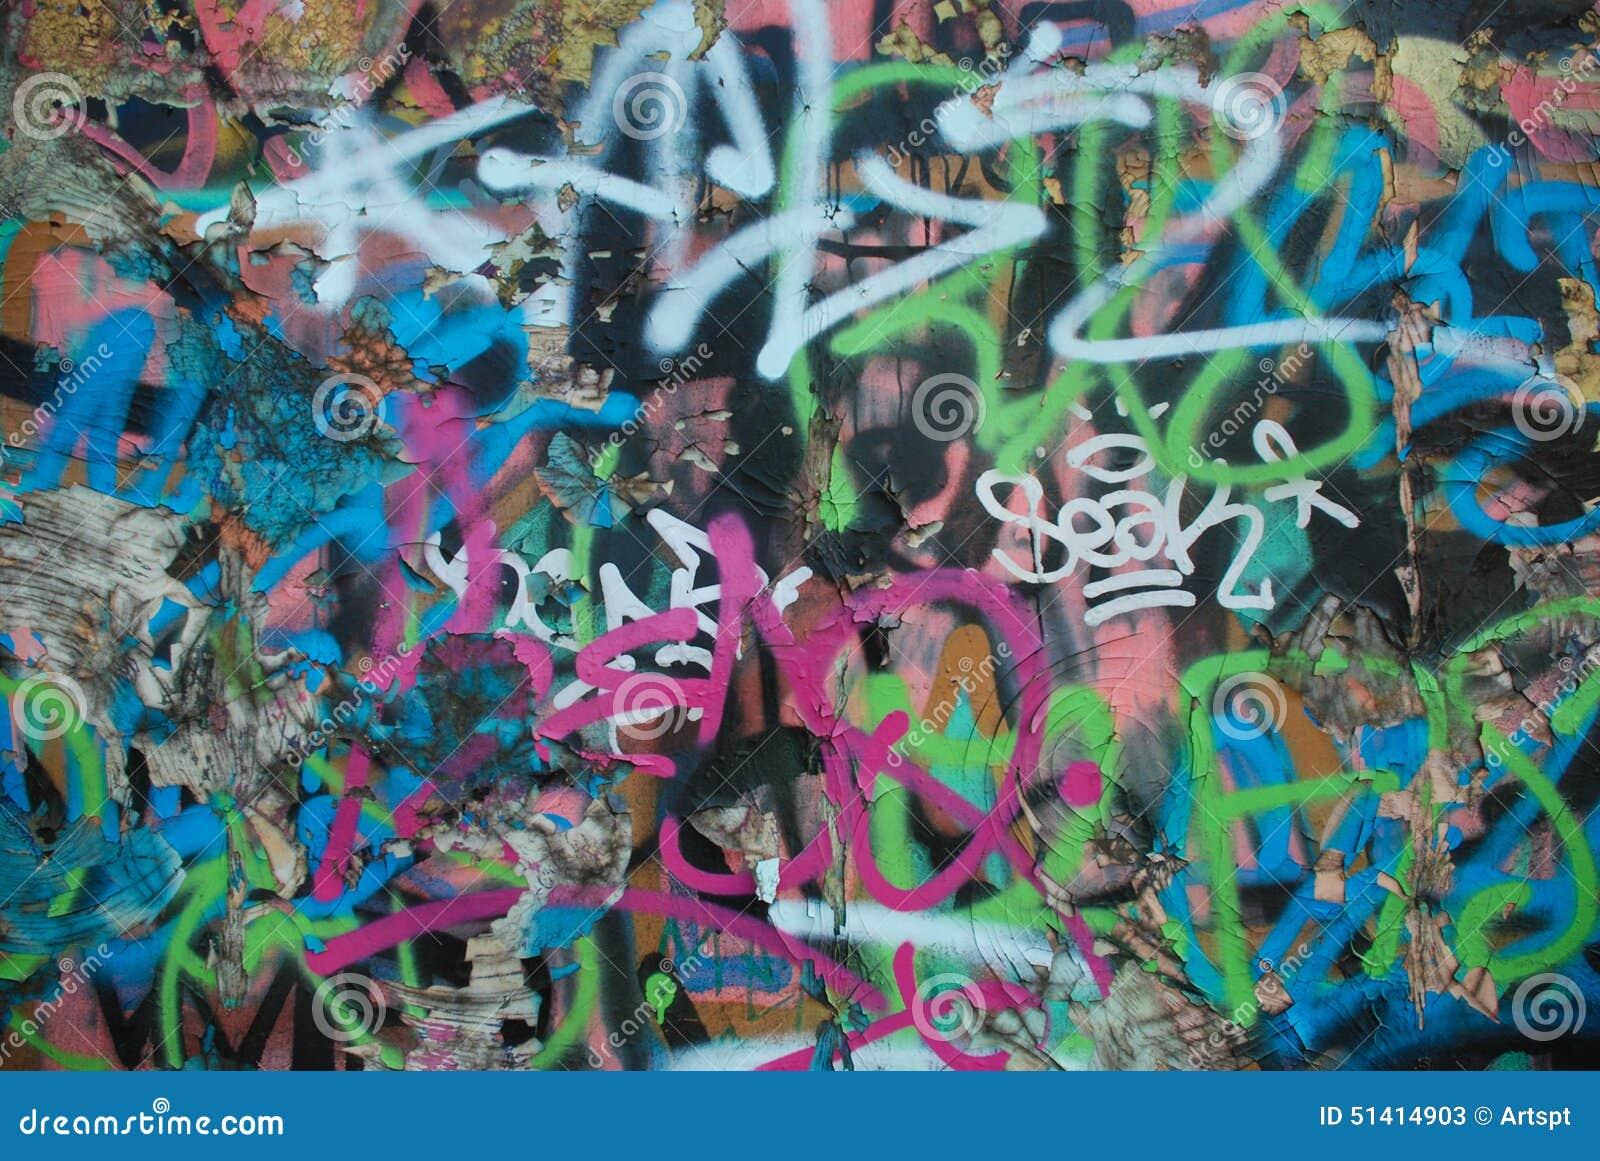 Street Art Cool...